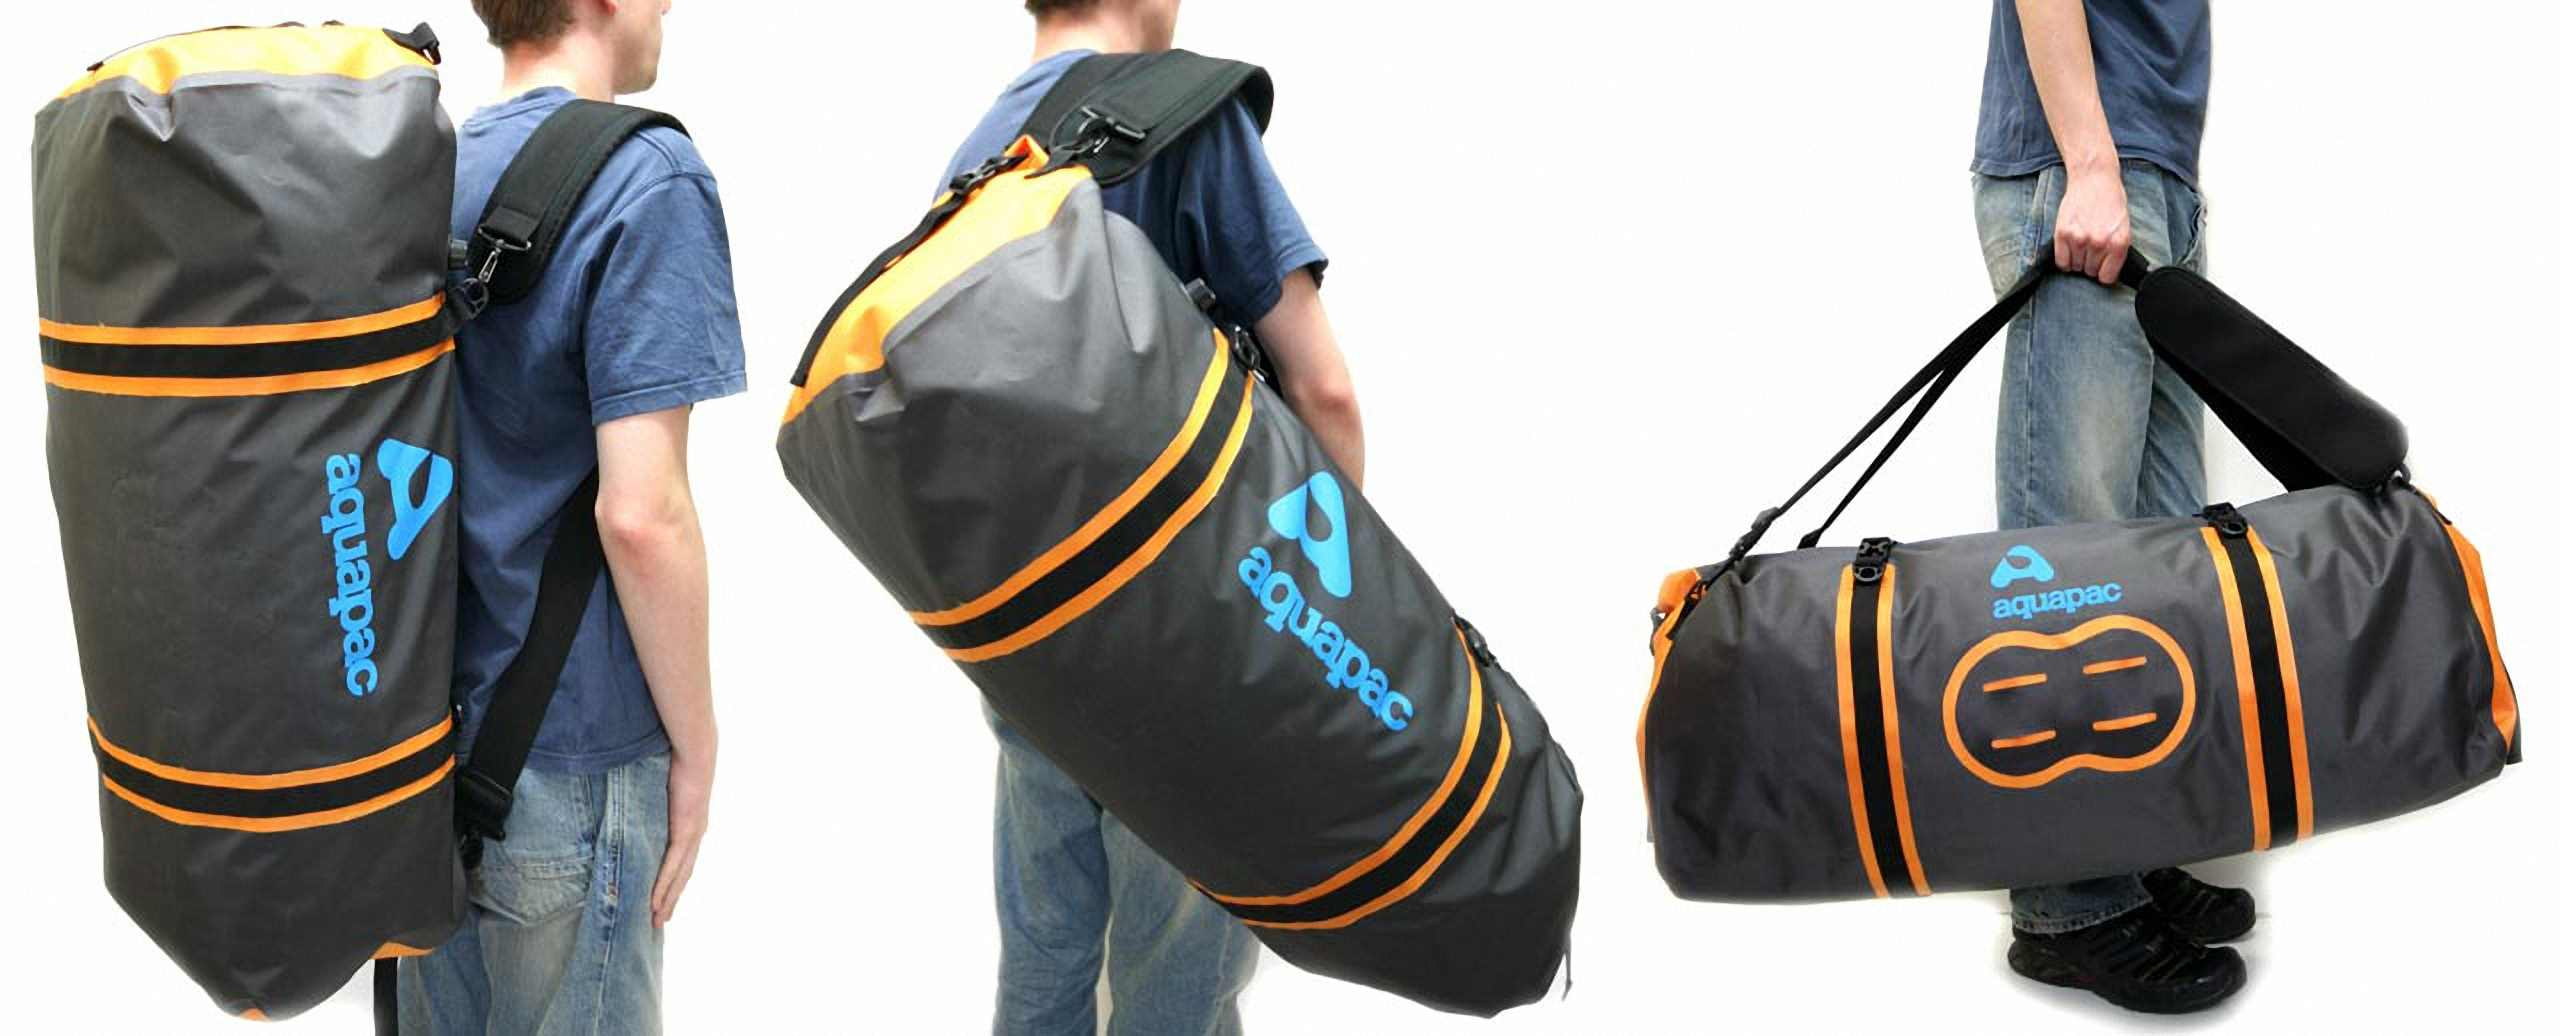 Водонепроницаемая сумка-рюкзак Aquapac 705 - Upano Waterproof Duffel - 90L.. Aquapac - №1 в мире водонепроницаемых чехлов и сумок. Фото 6